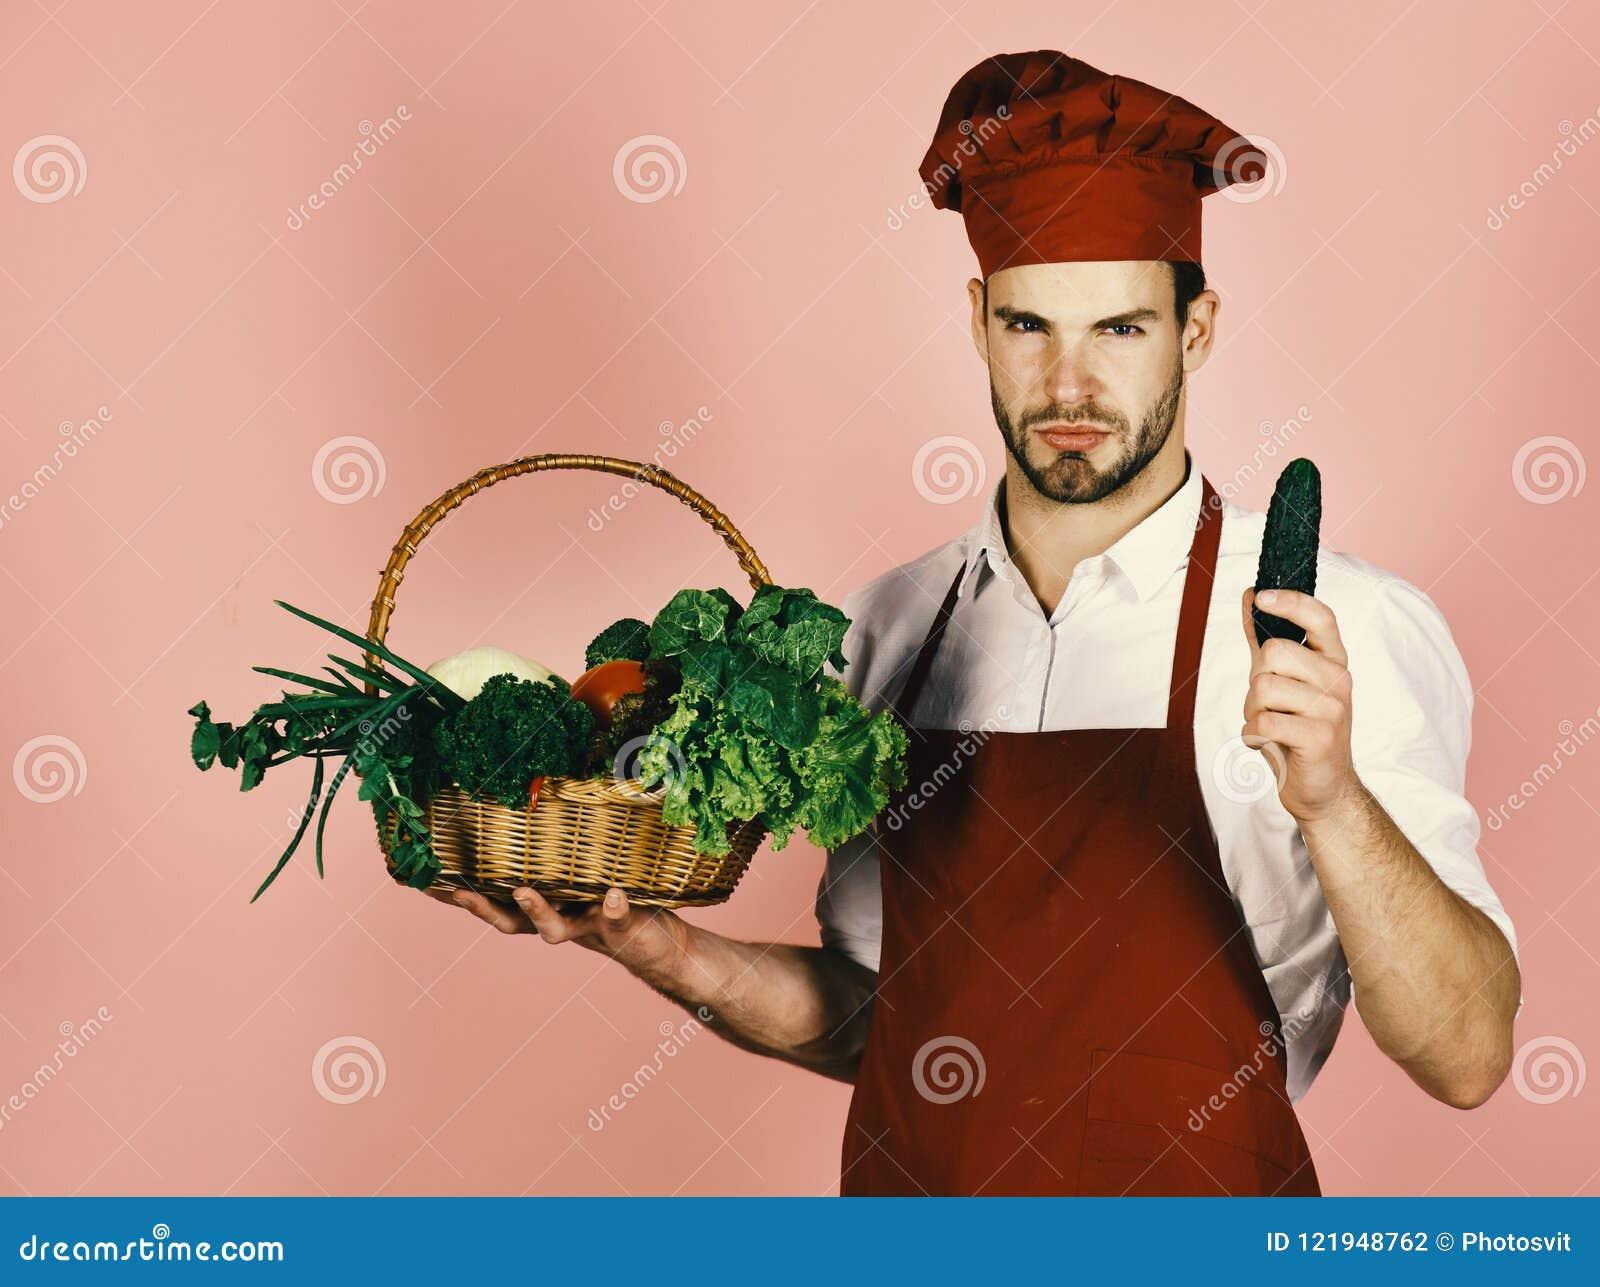 Koch mit strengem Gesicht hält Gurke und Weidenkorb von frischen Veggies Chef in Burgunder-Uniform hält Gurke